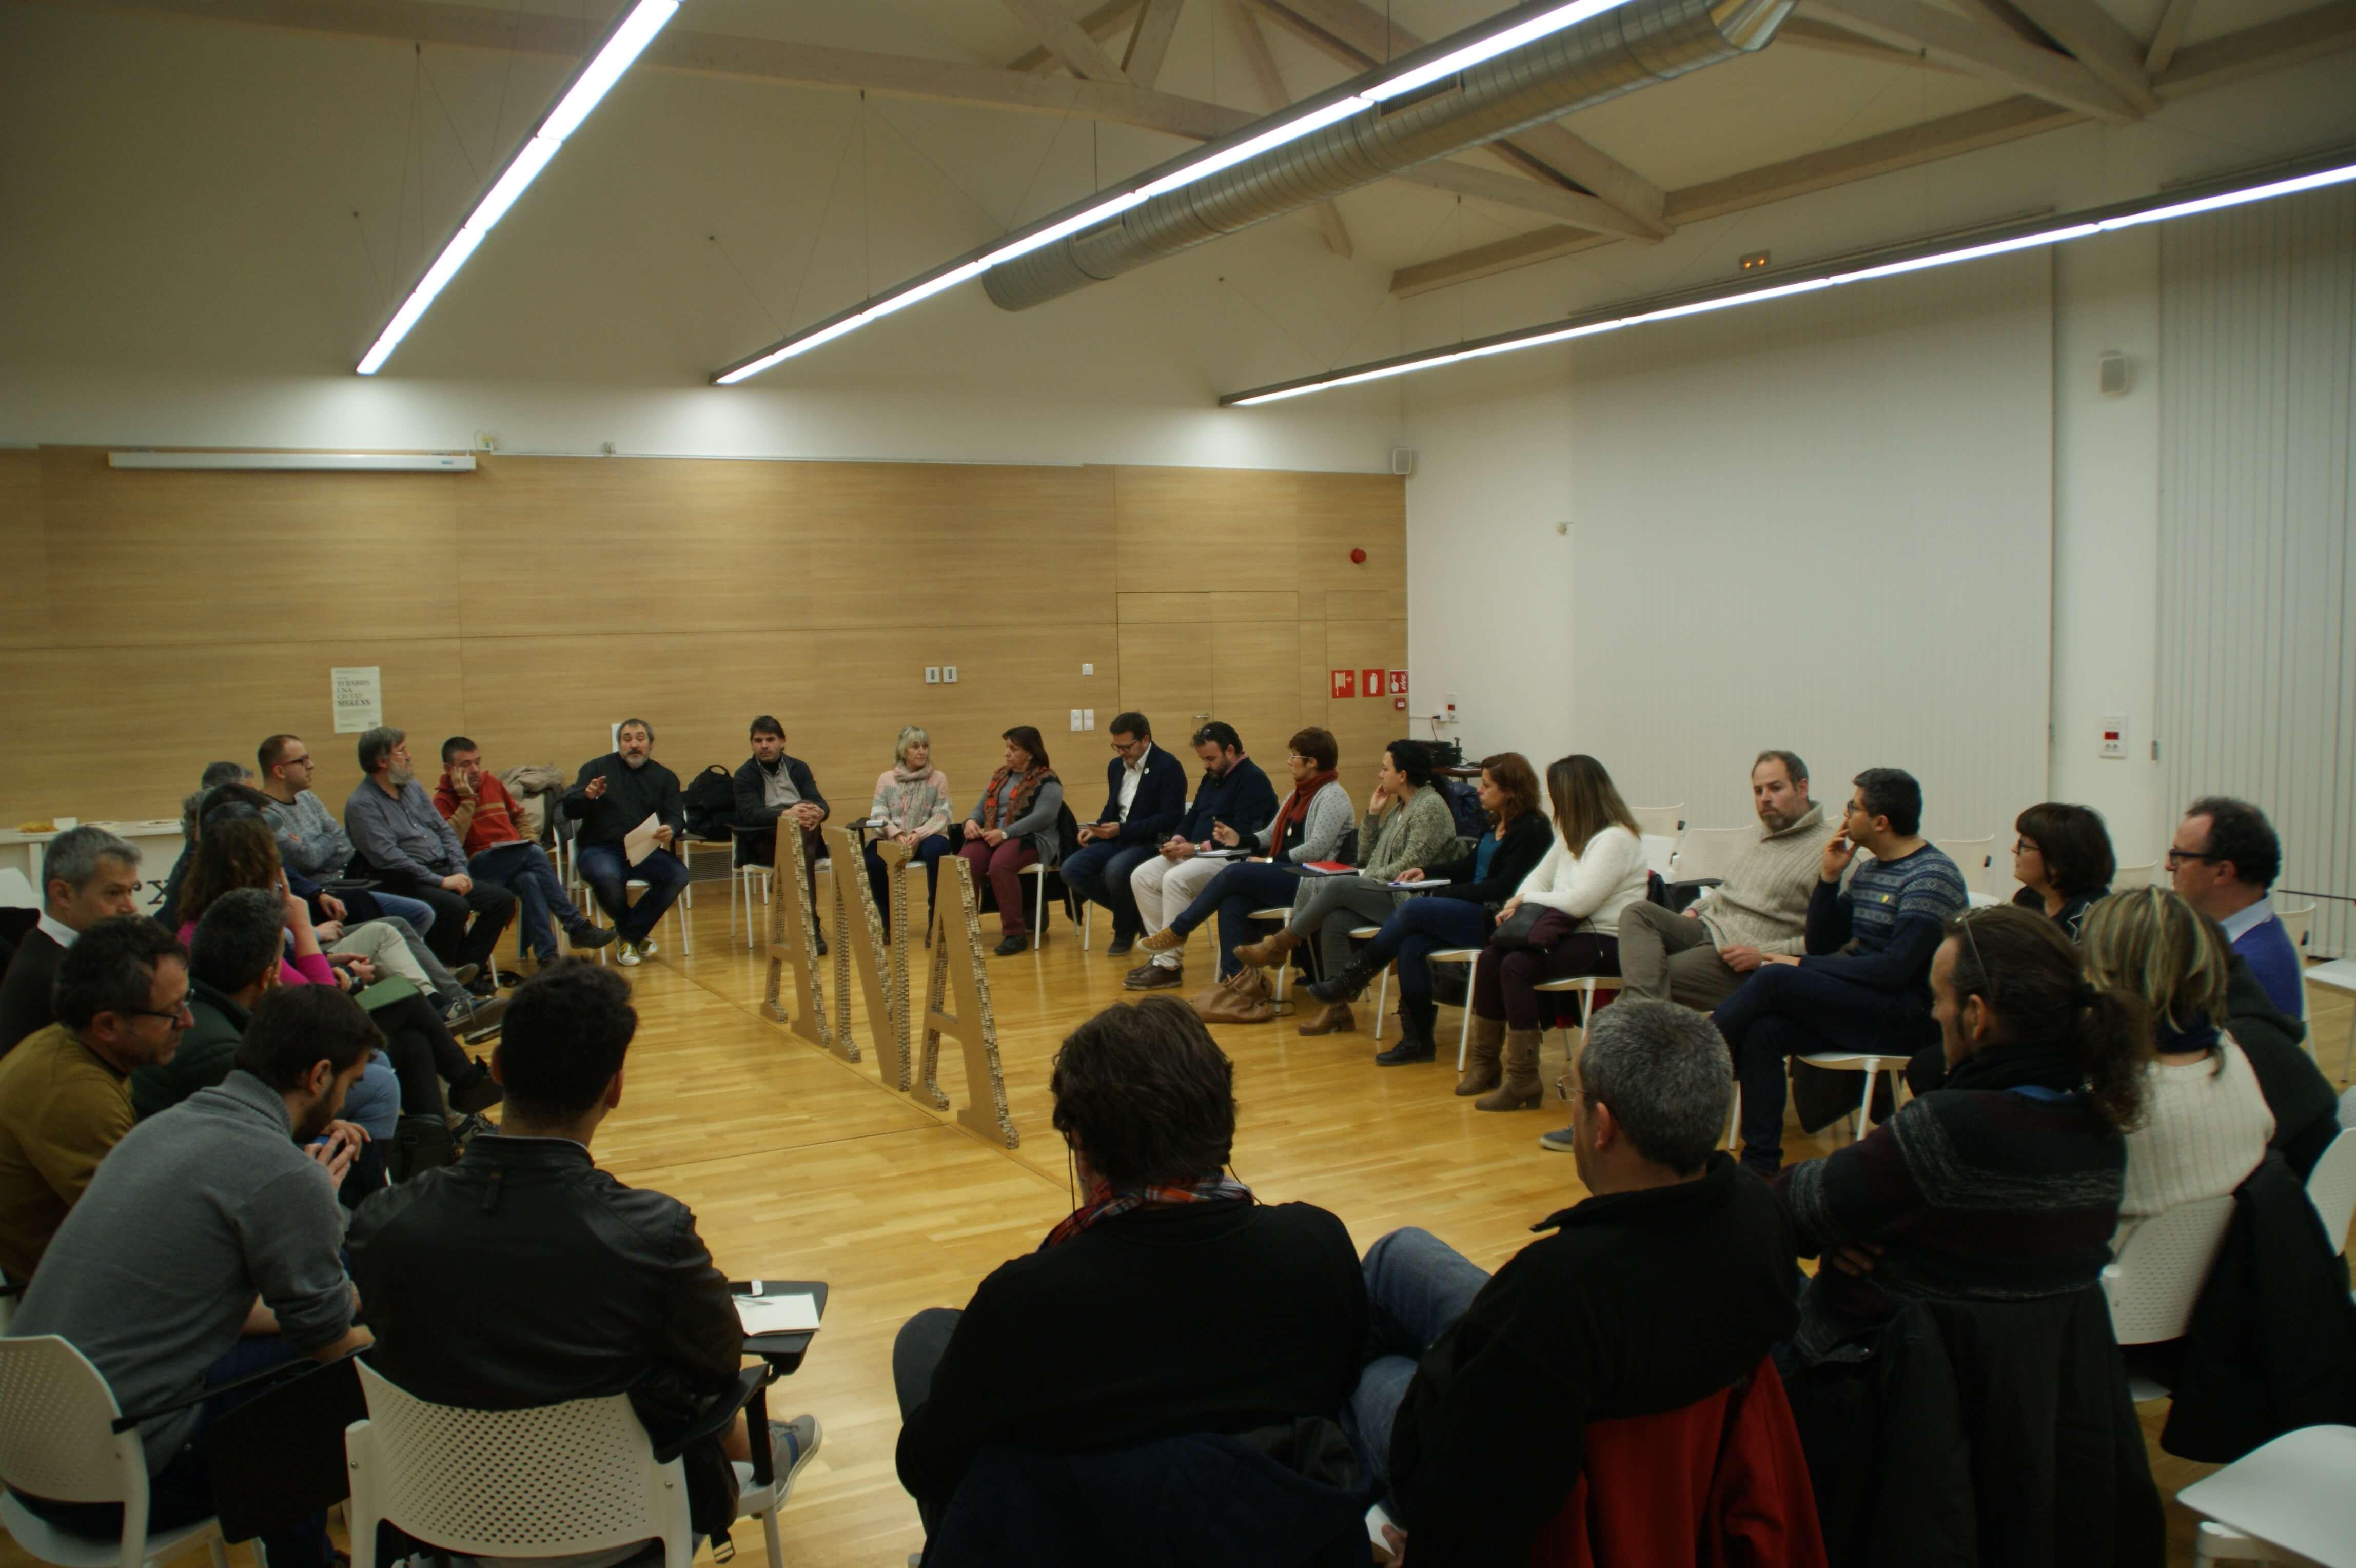 Joan Rueda iniciant el debat tertúlia al barri del Segle XX dins la campanya 33 barris una ciutat que organitza ANA